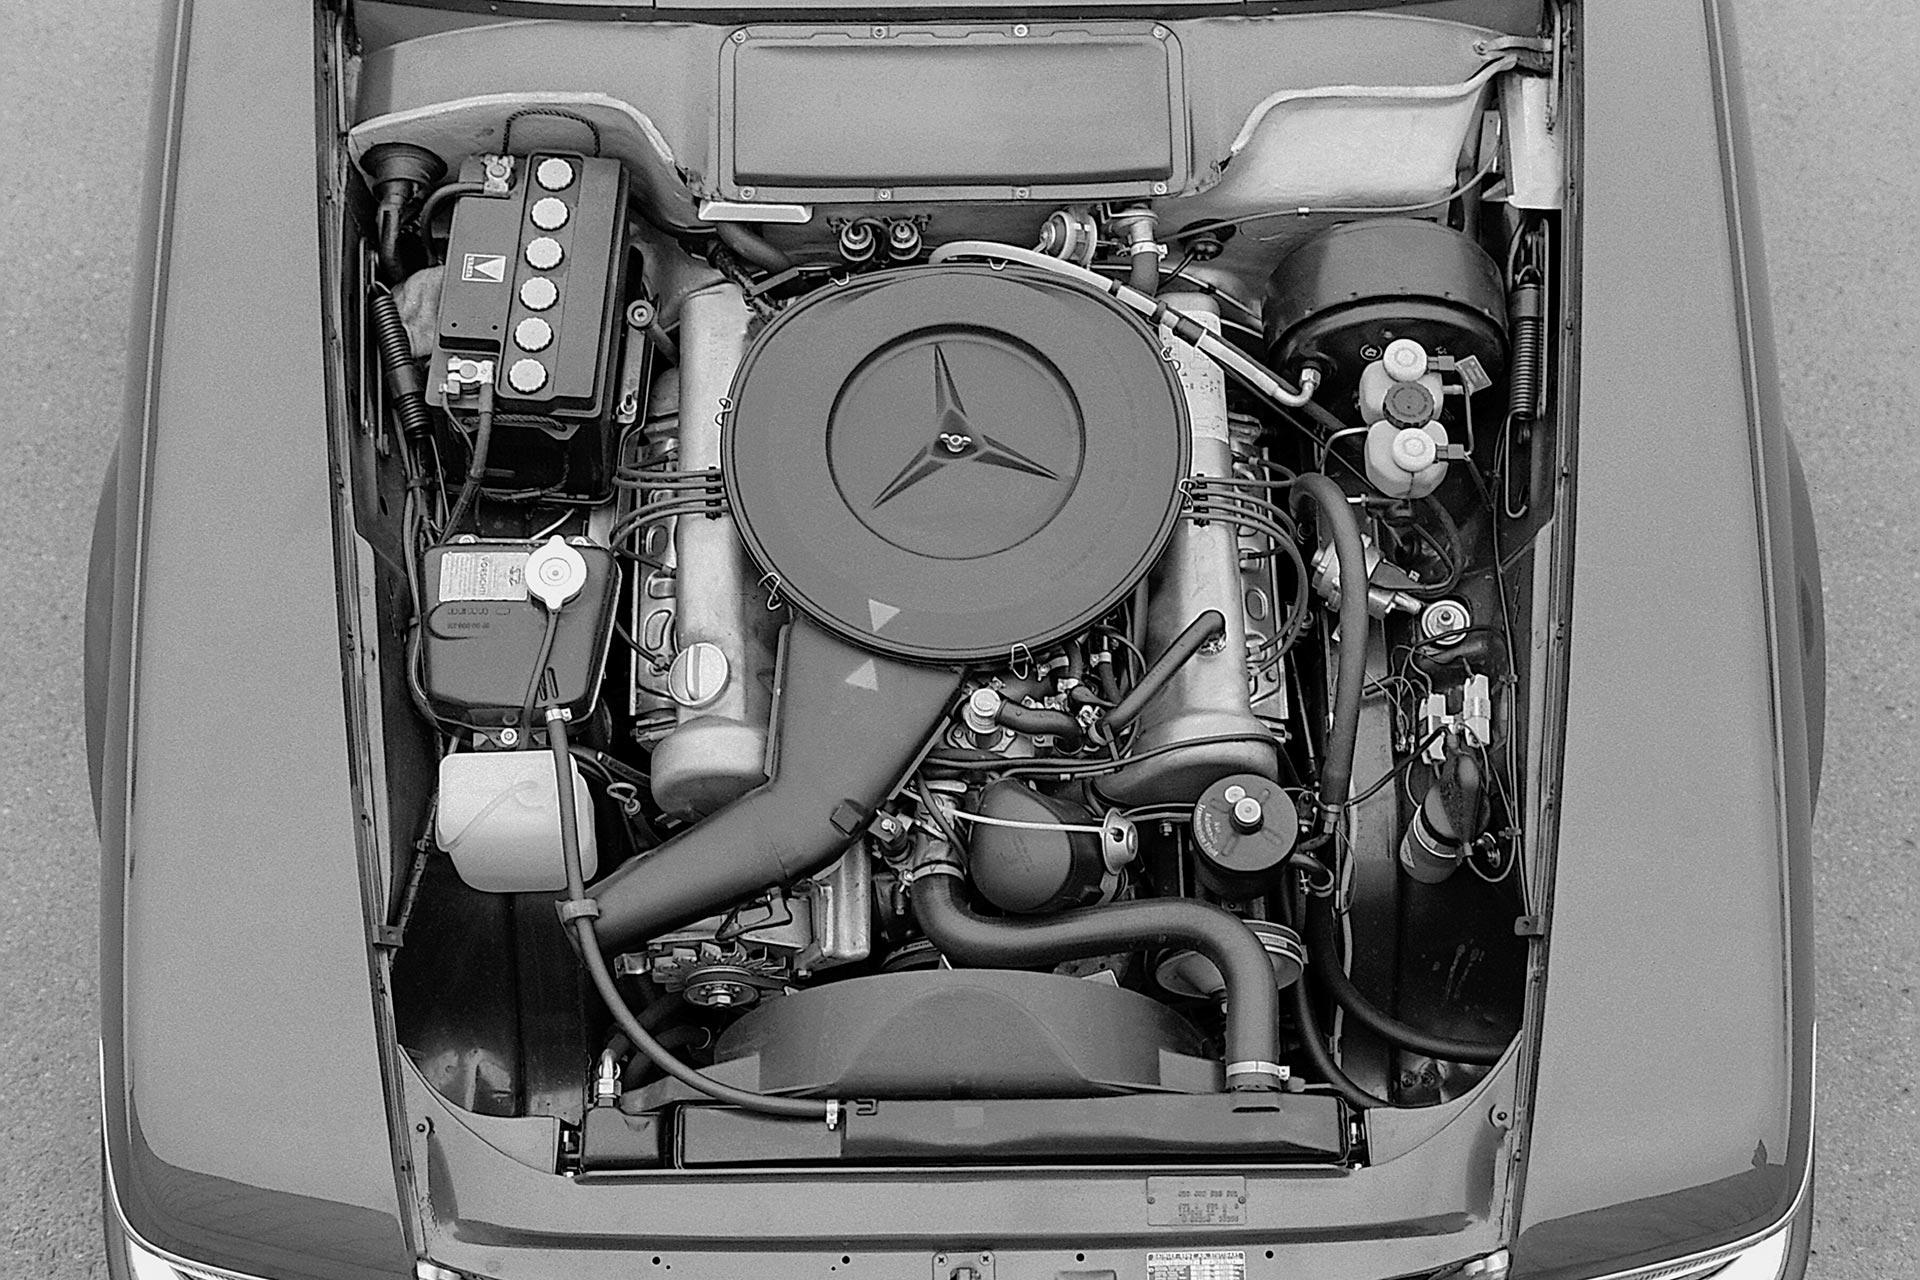 Mercedes-Benz 350 SL (R 107, Produktionszeitraum 1971 bis 1989). Foto des Motorraums.